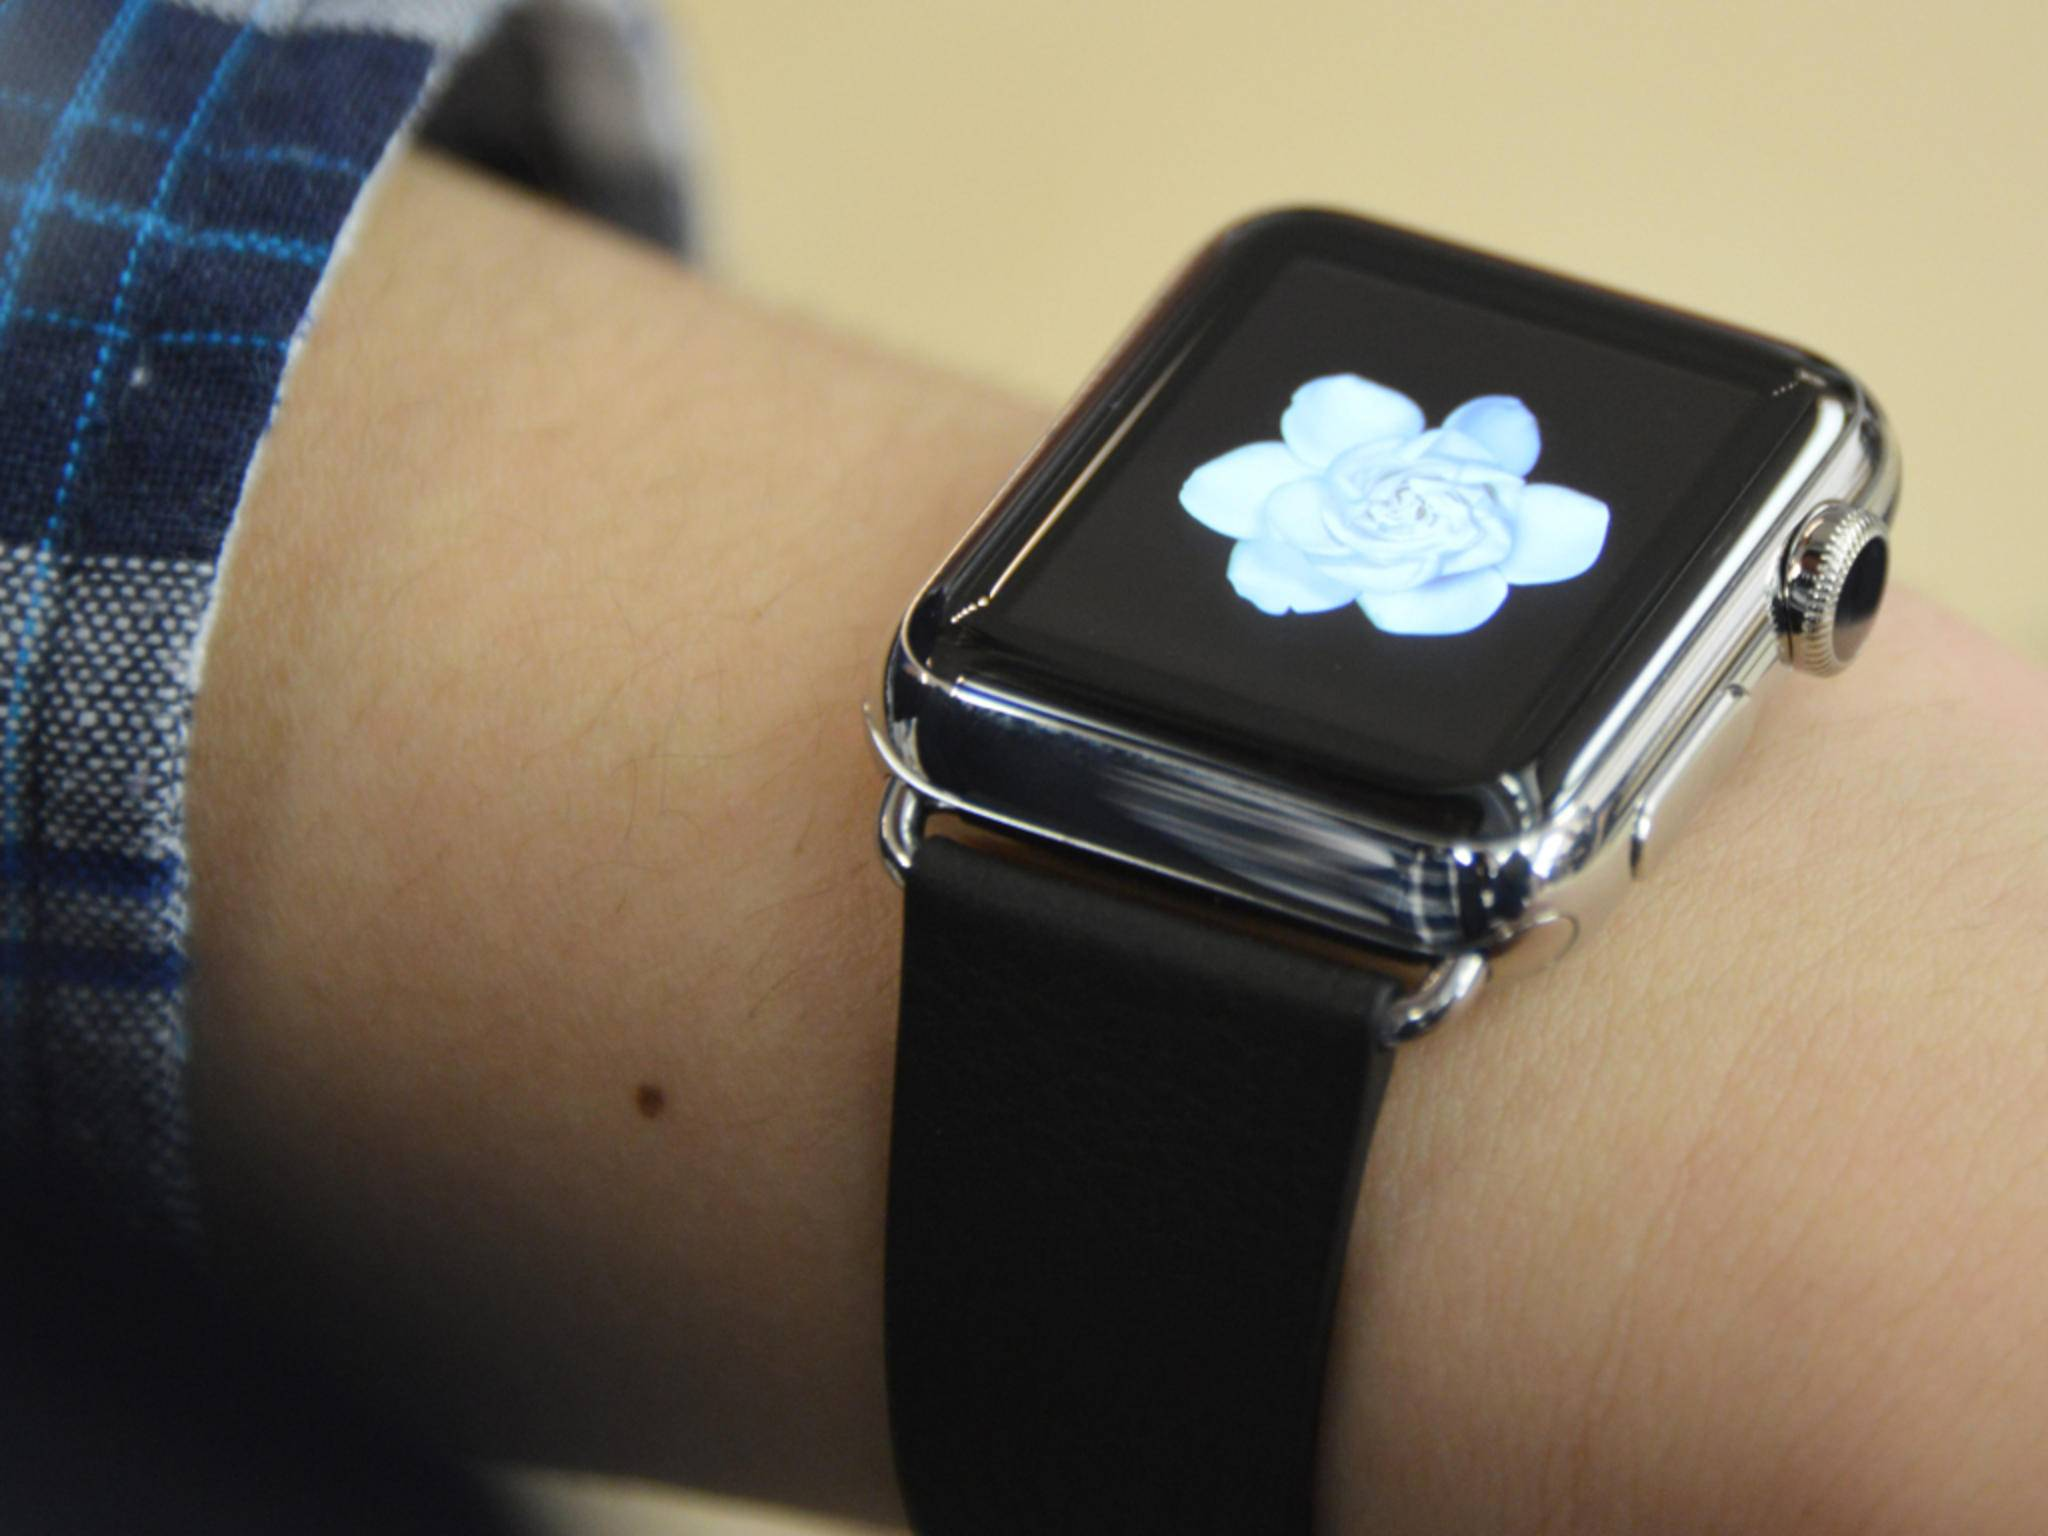 Unter der Armband-Halterung der Apple Watch verbirgt sich ein geheimer Anschluss.